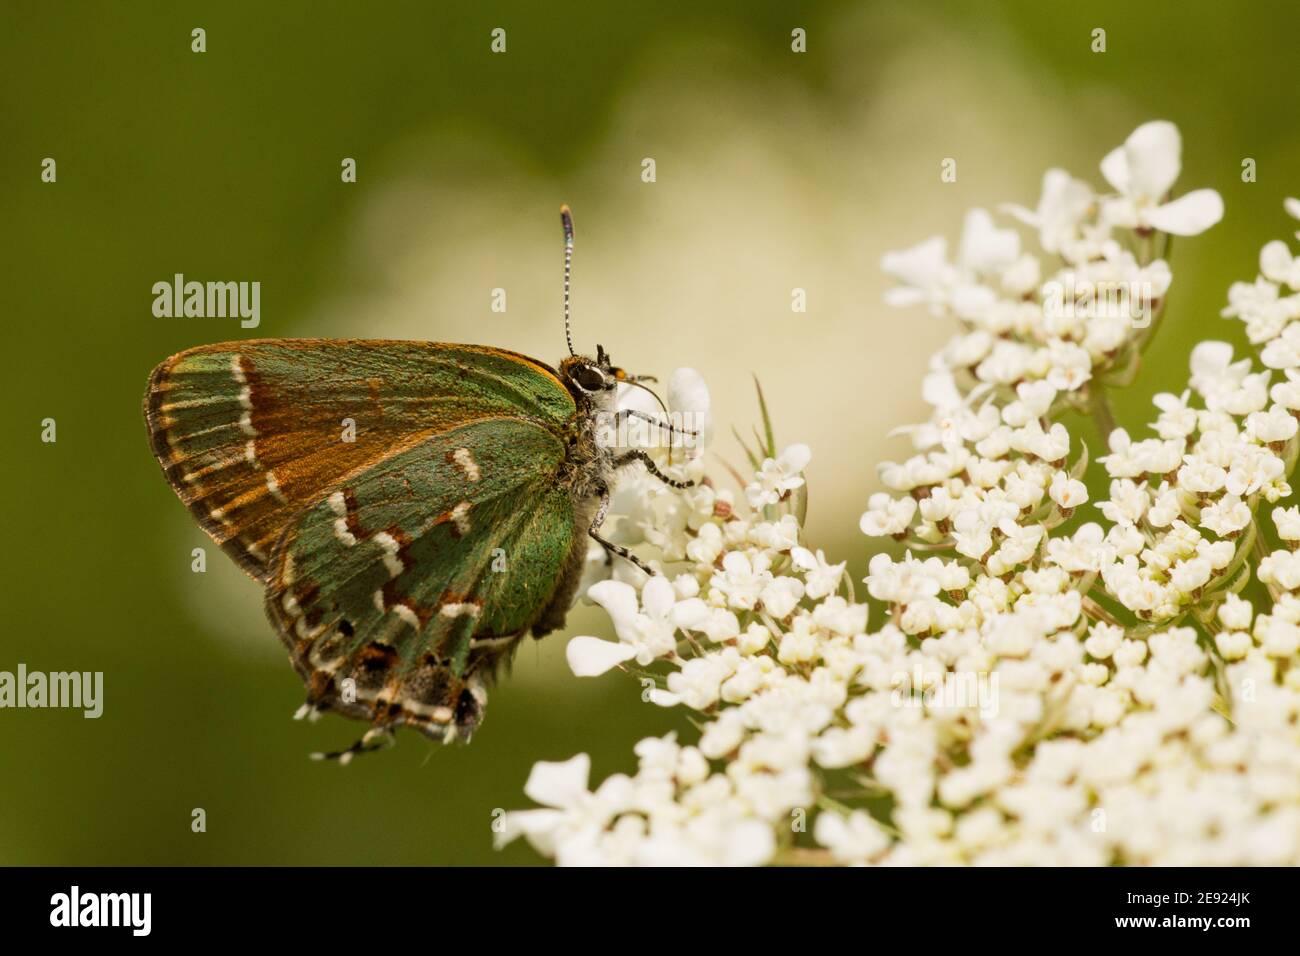 Ein Wacholder Hairstreak Schmetterling Fütterung von Blumen im Sommer. Stockfoto